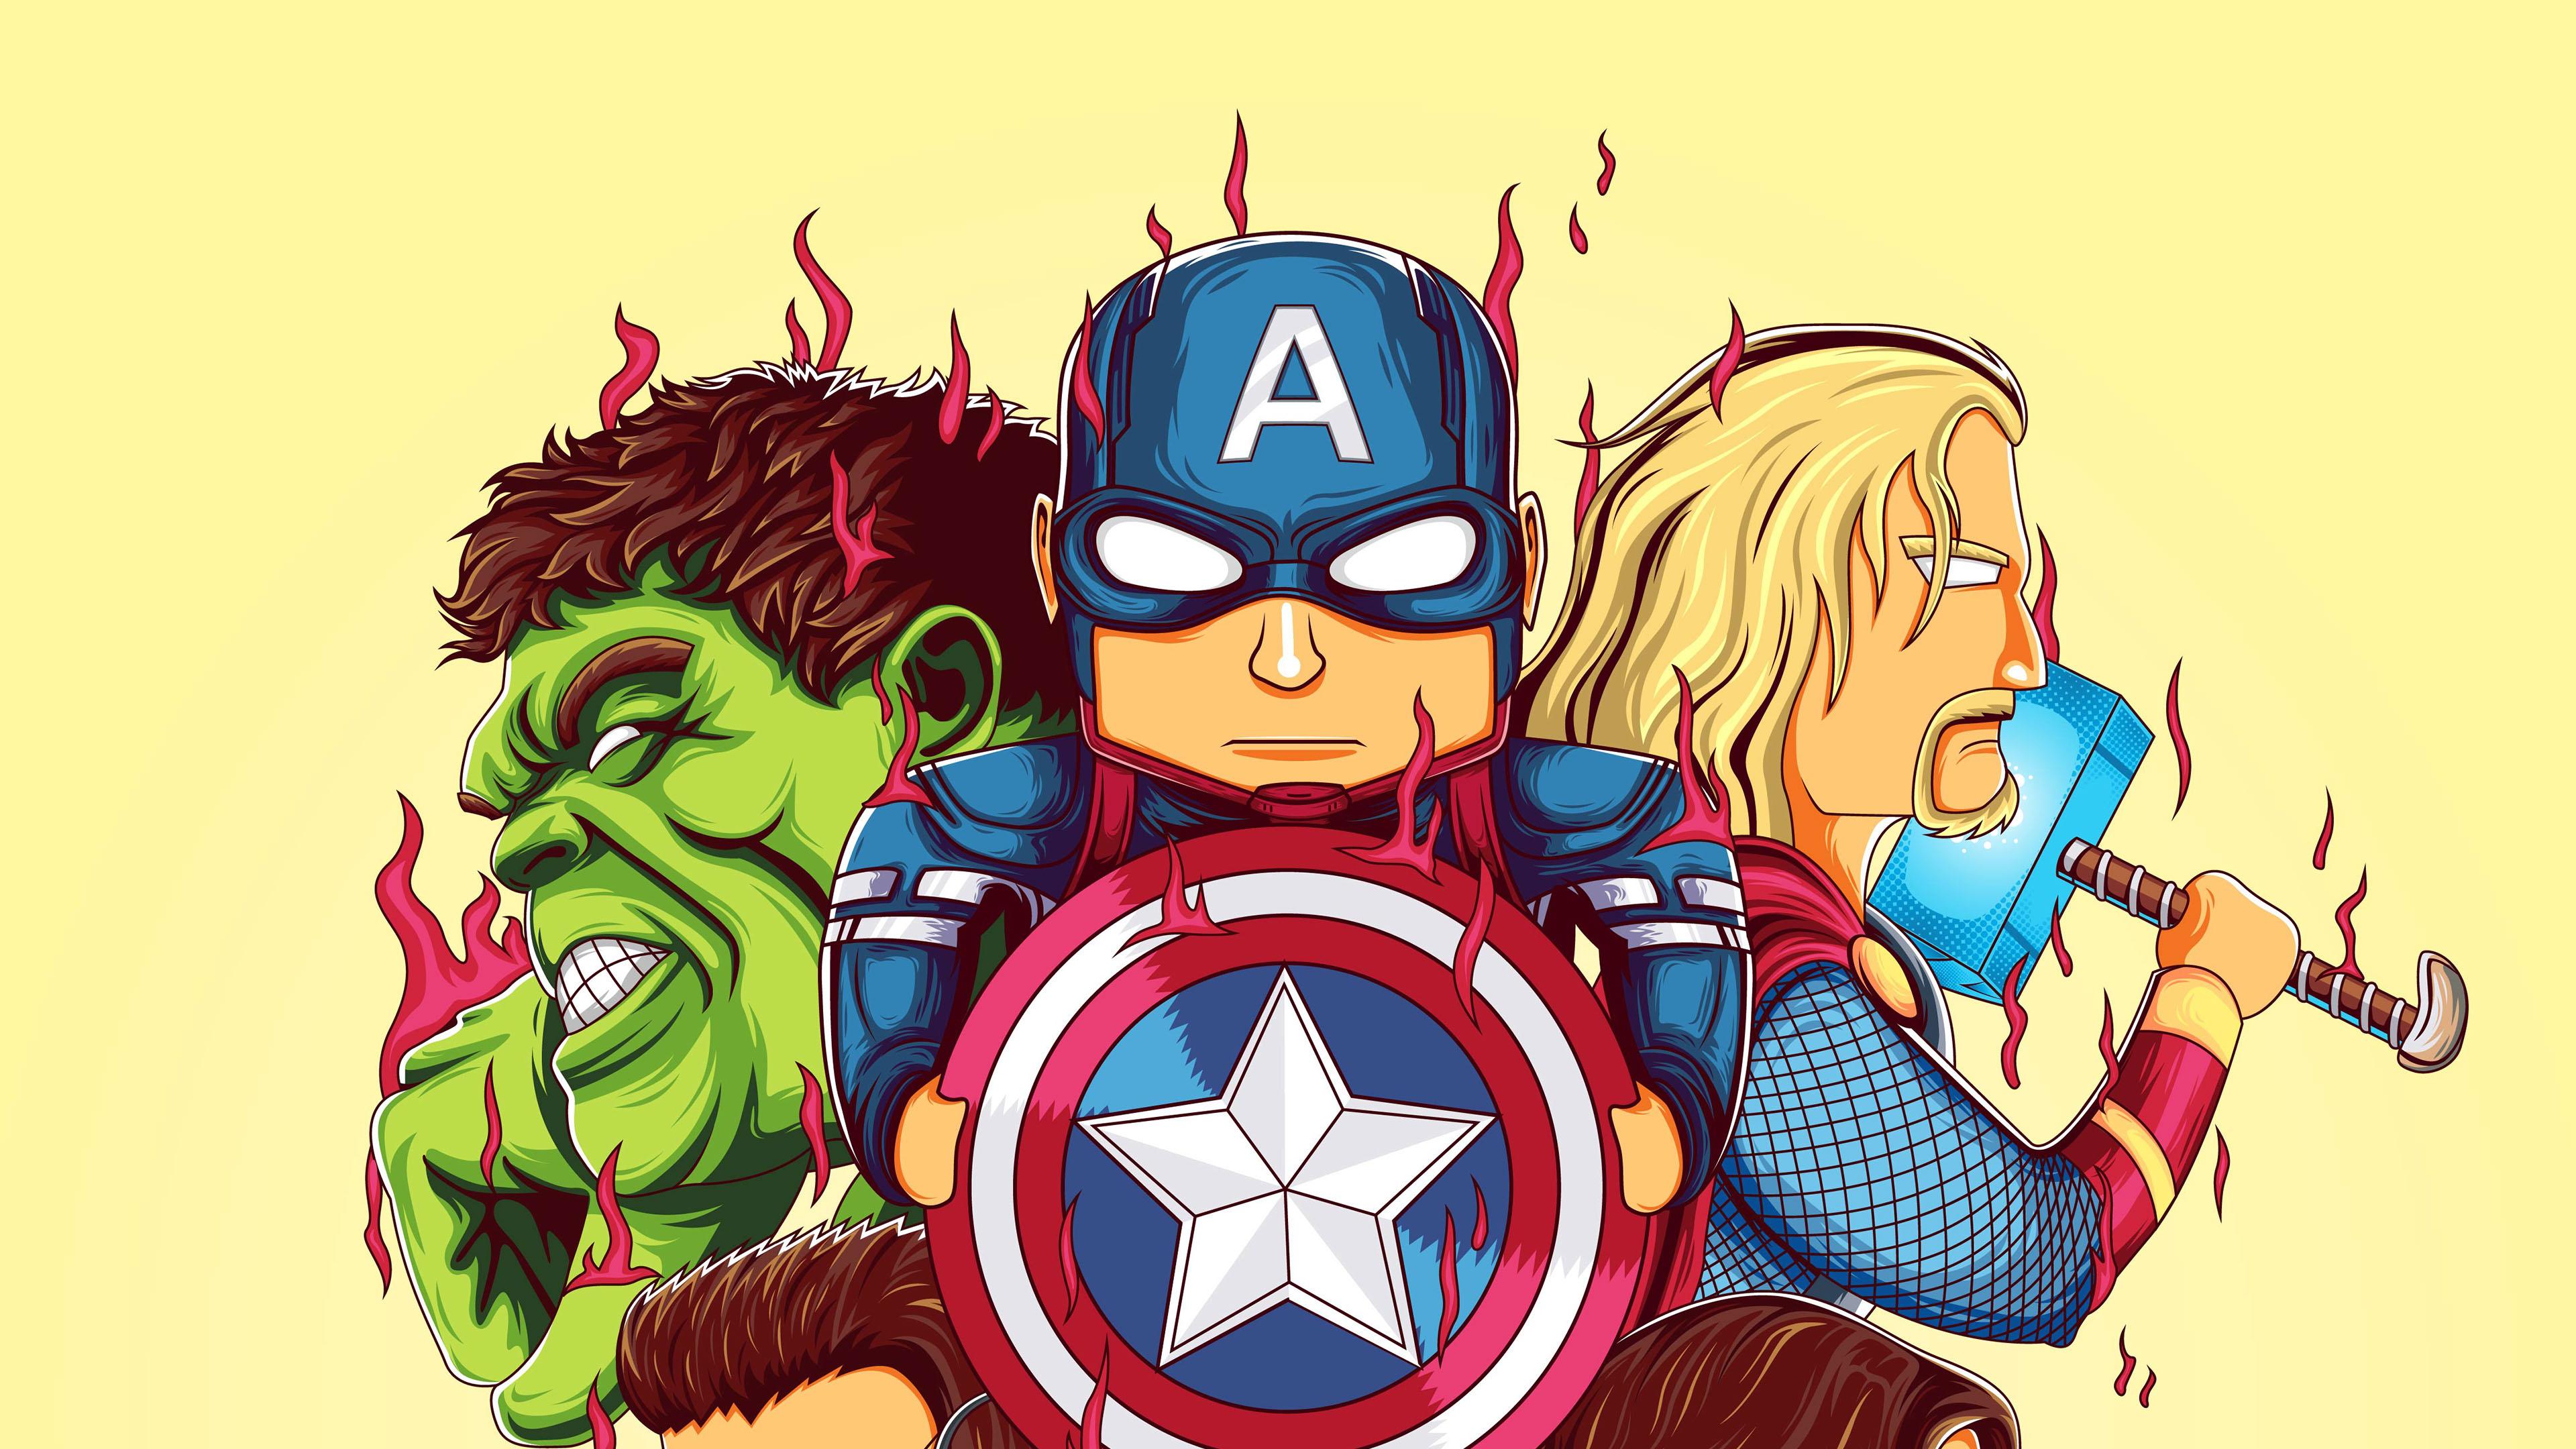 1920x1080 Little Avengers 4k Laptop Full HD 1080P HD 4k ...